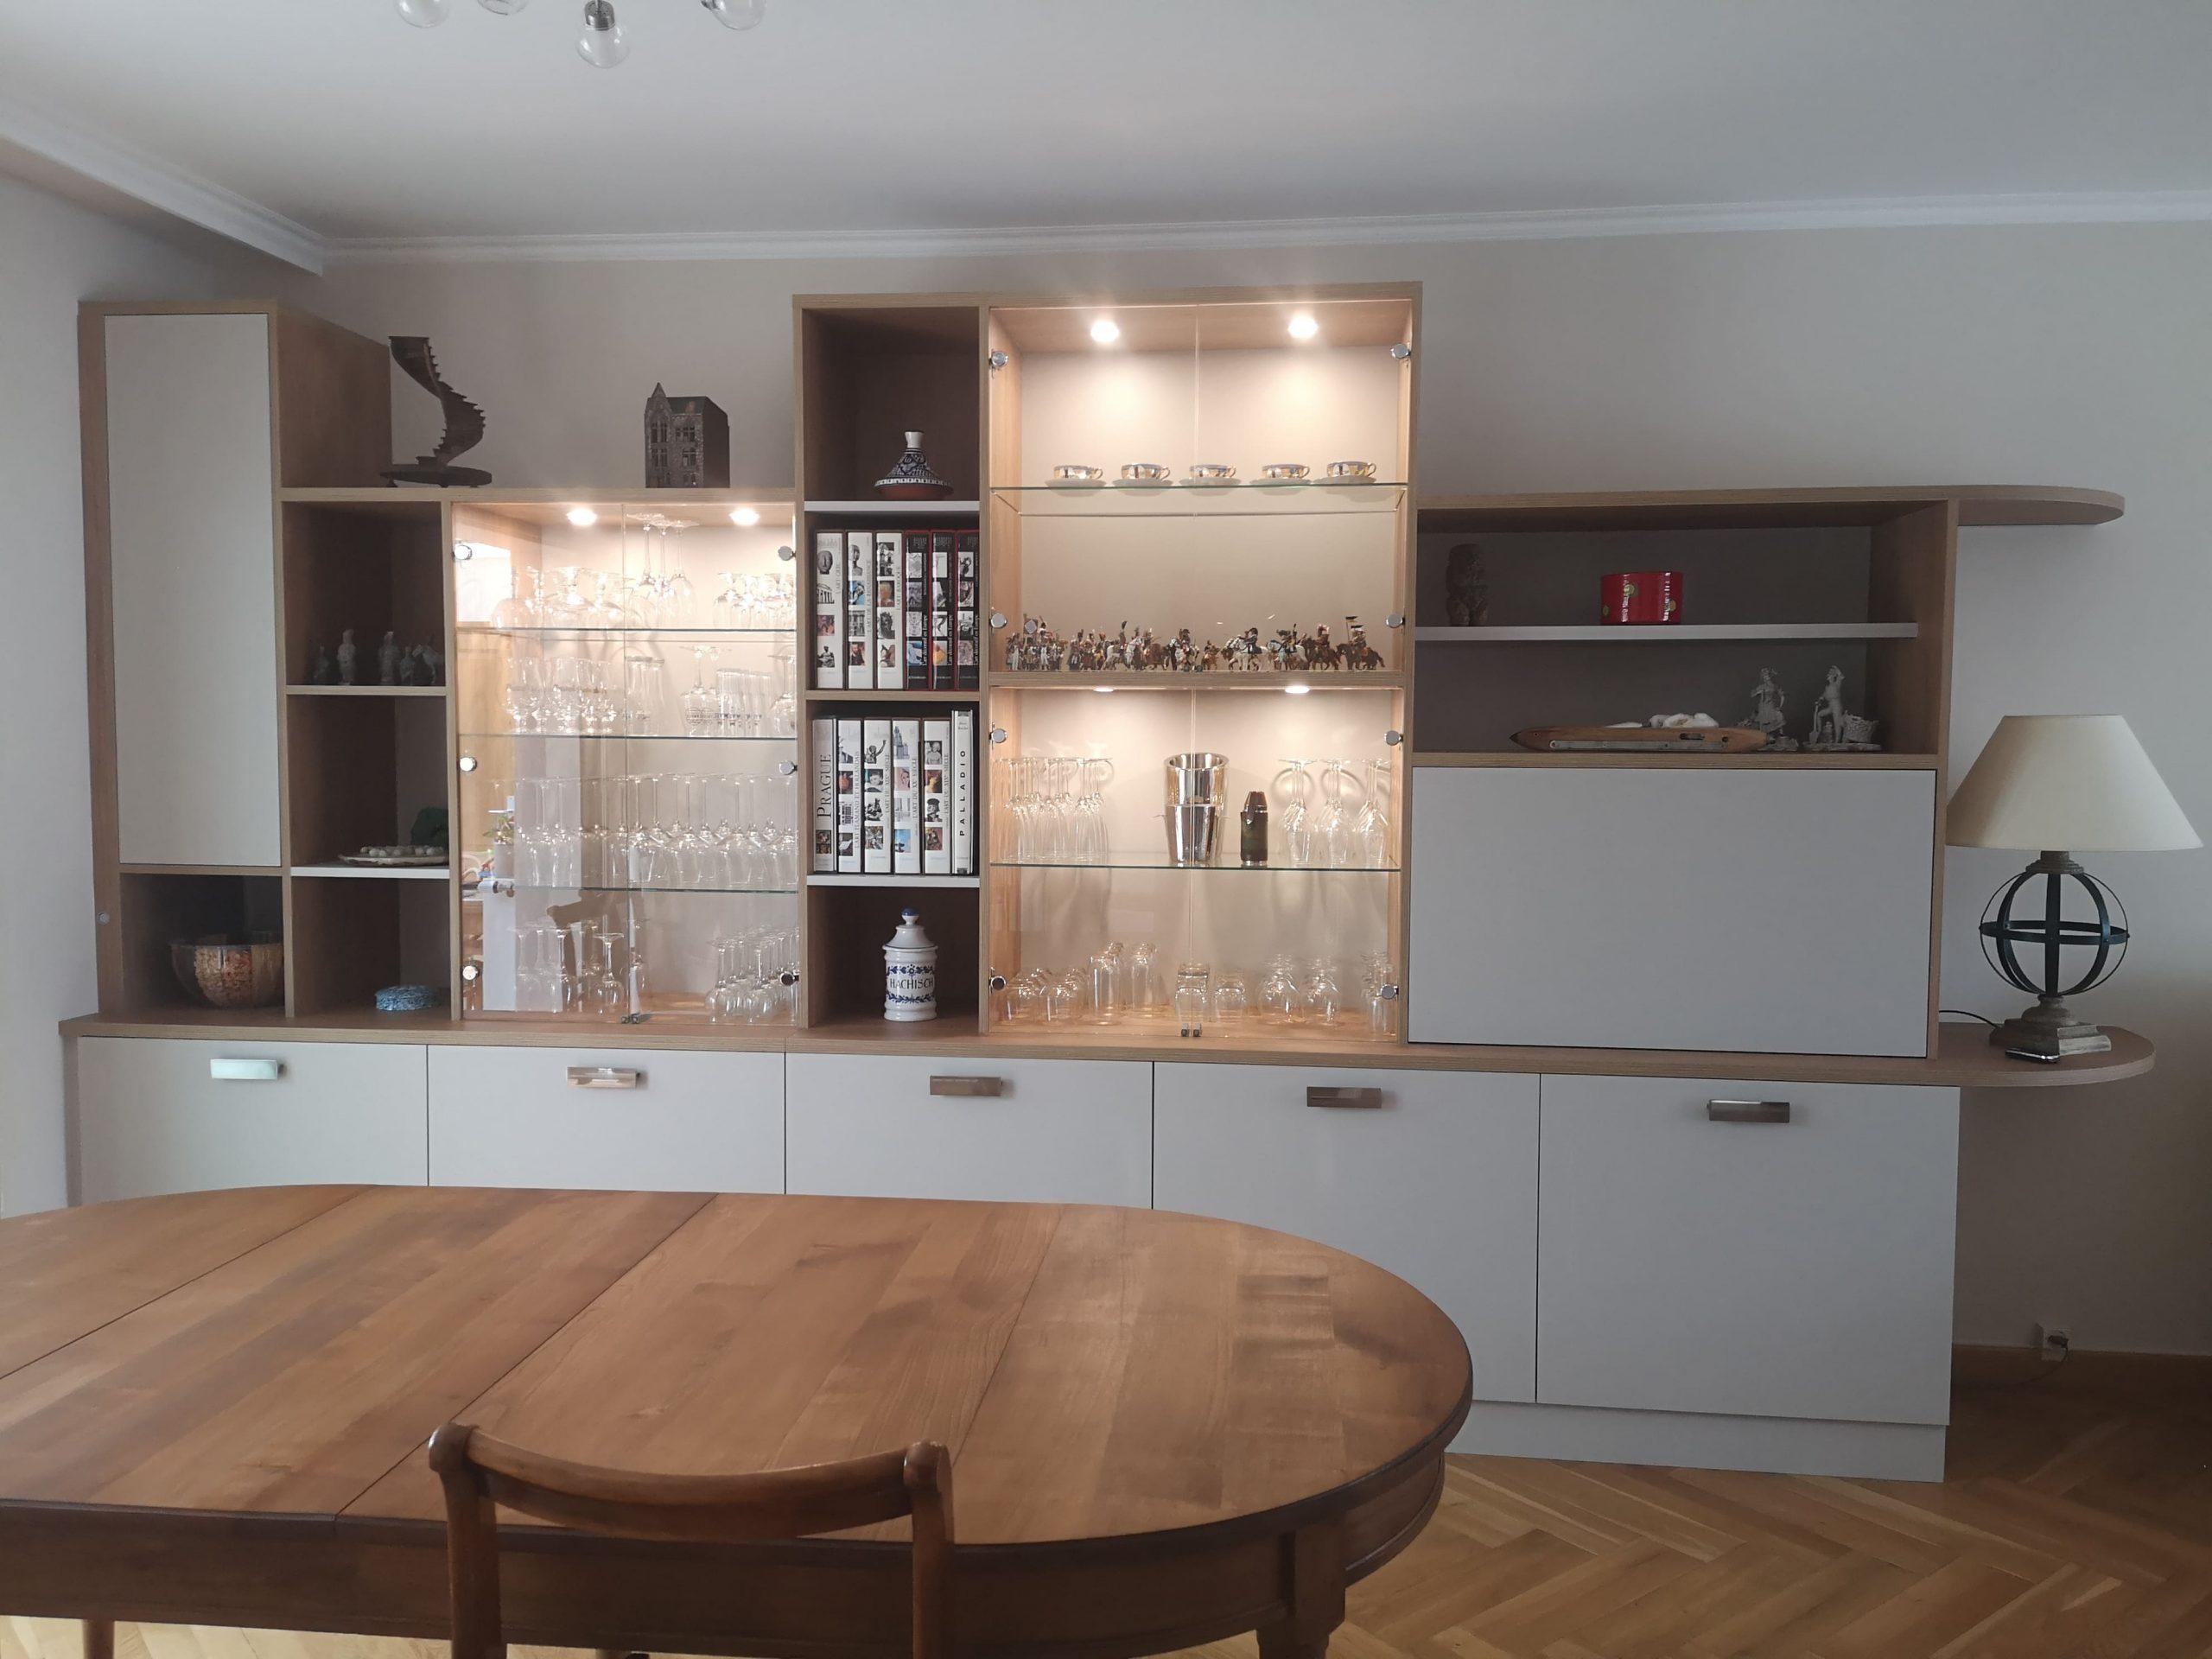 Sur cette troisième photo, on voit le meuble sur mesure avec ses lumières allumées. Il s'agit de deux agencements sur mesure dans un salon.